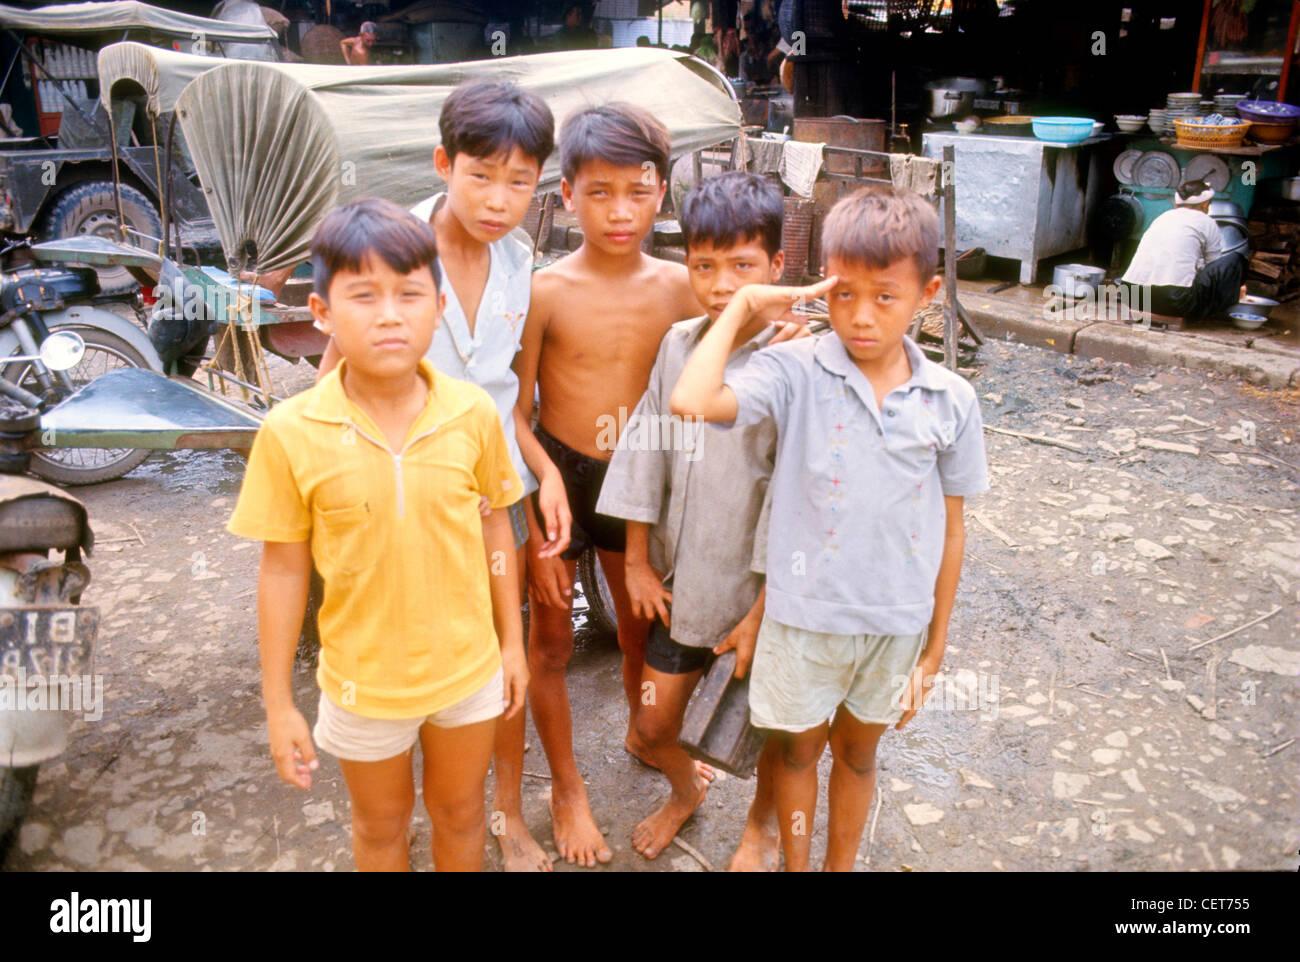 Children in market saluting american during the Vietnam War. - Stock Image